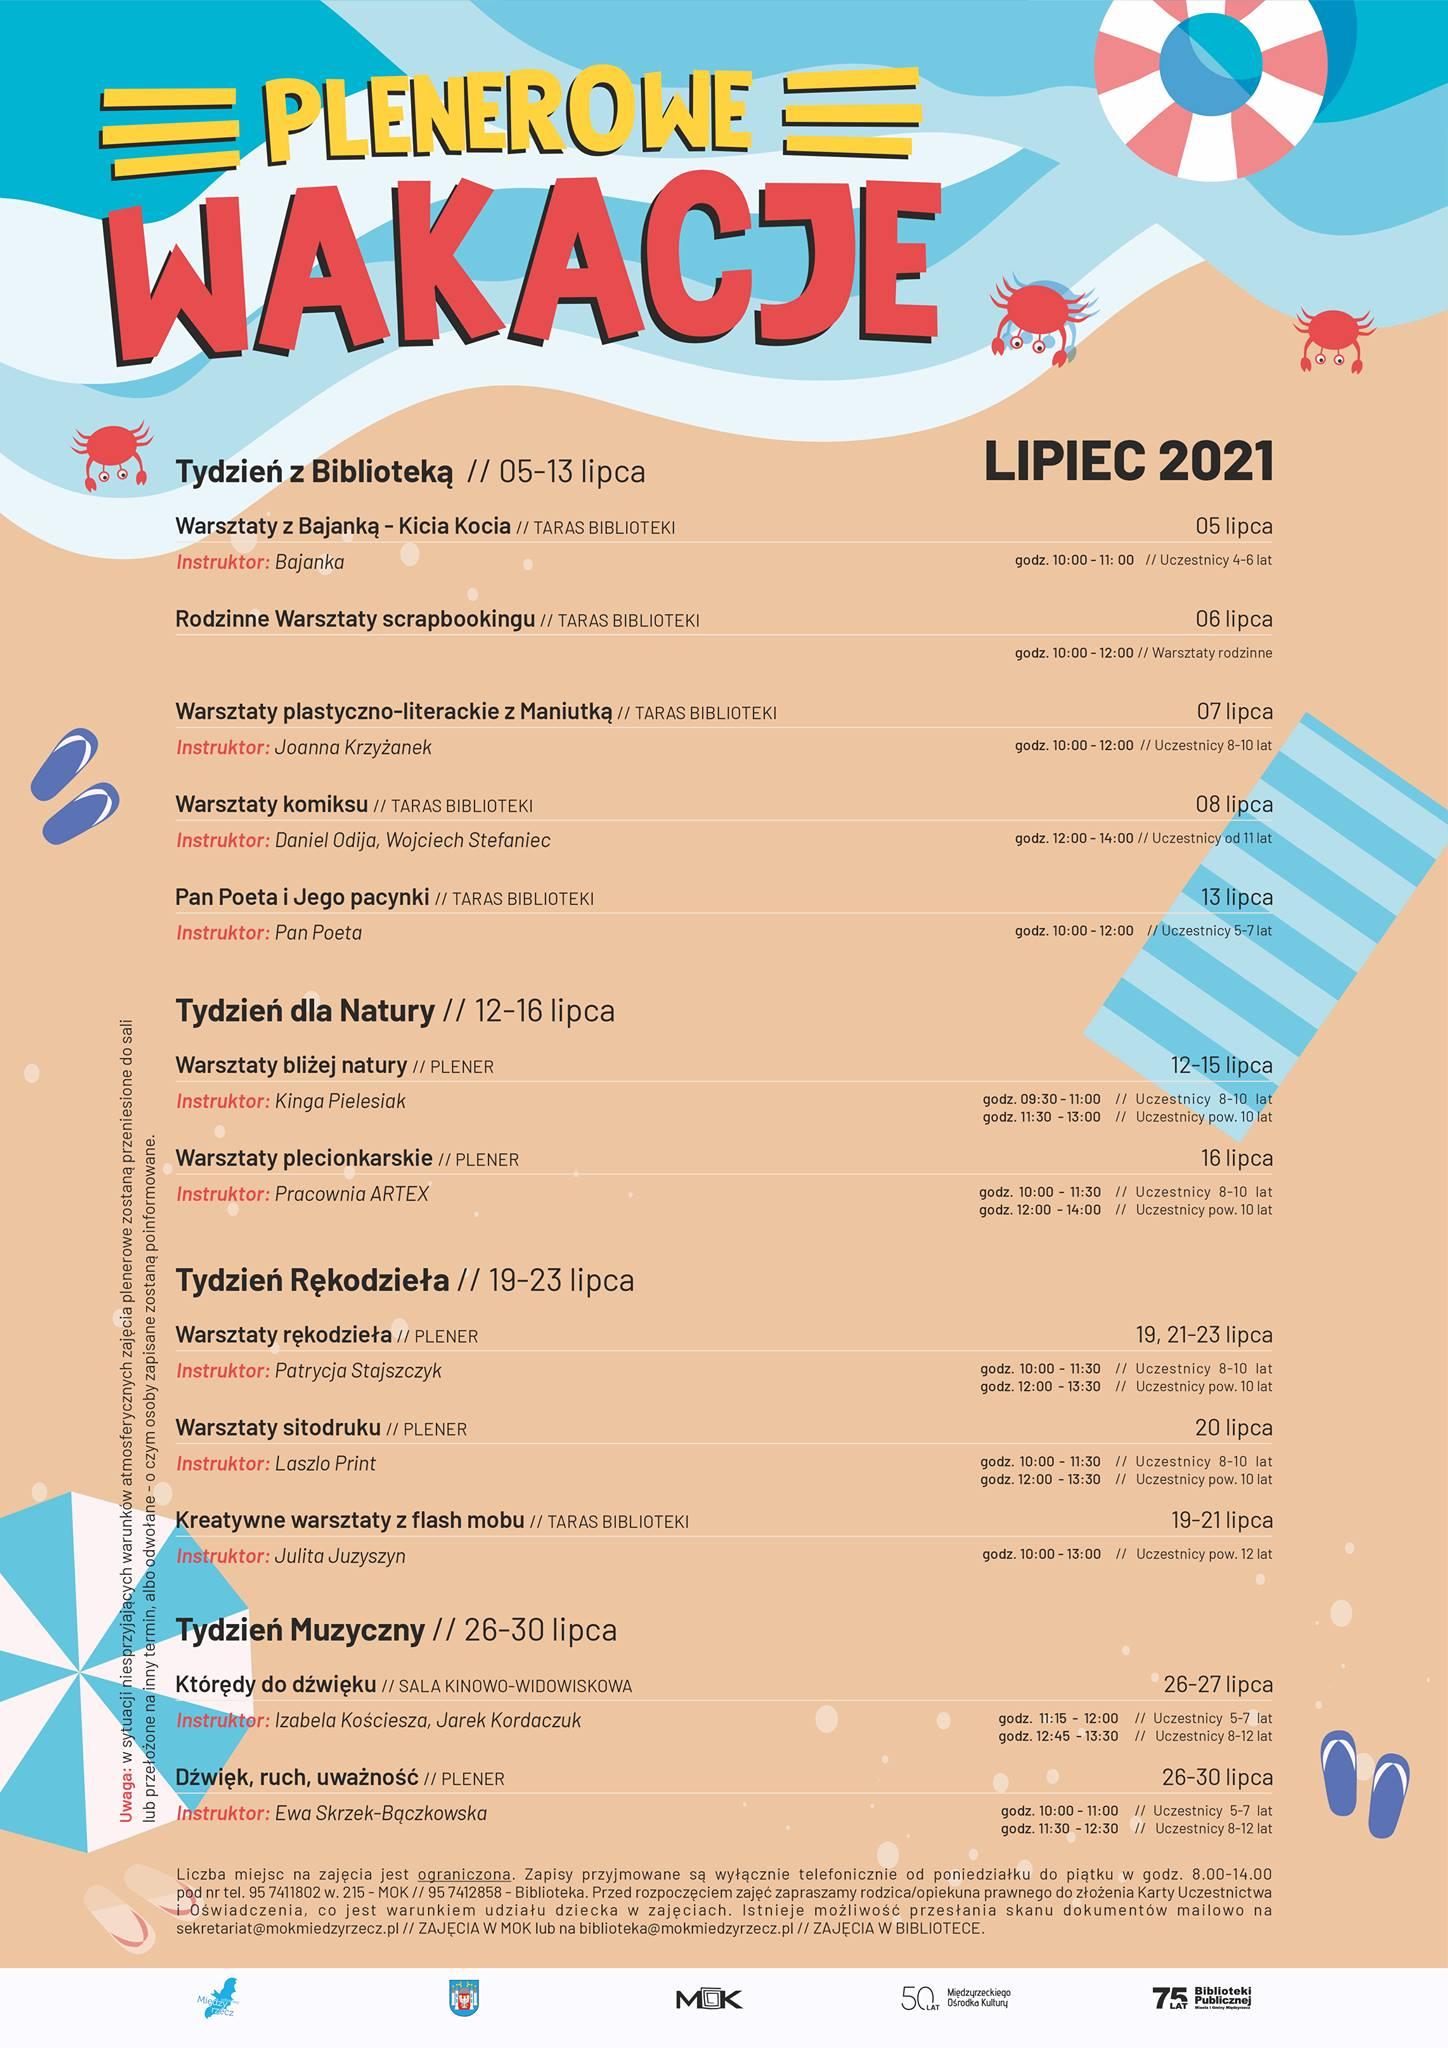 Plakat Plenerowe wakacje 2021